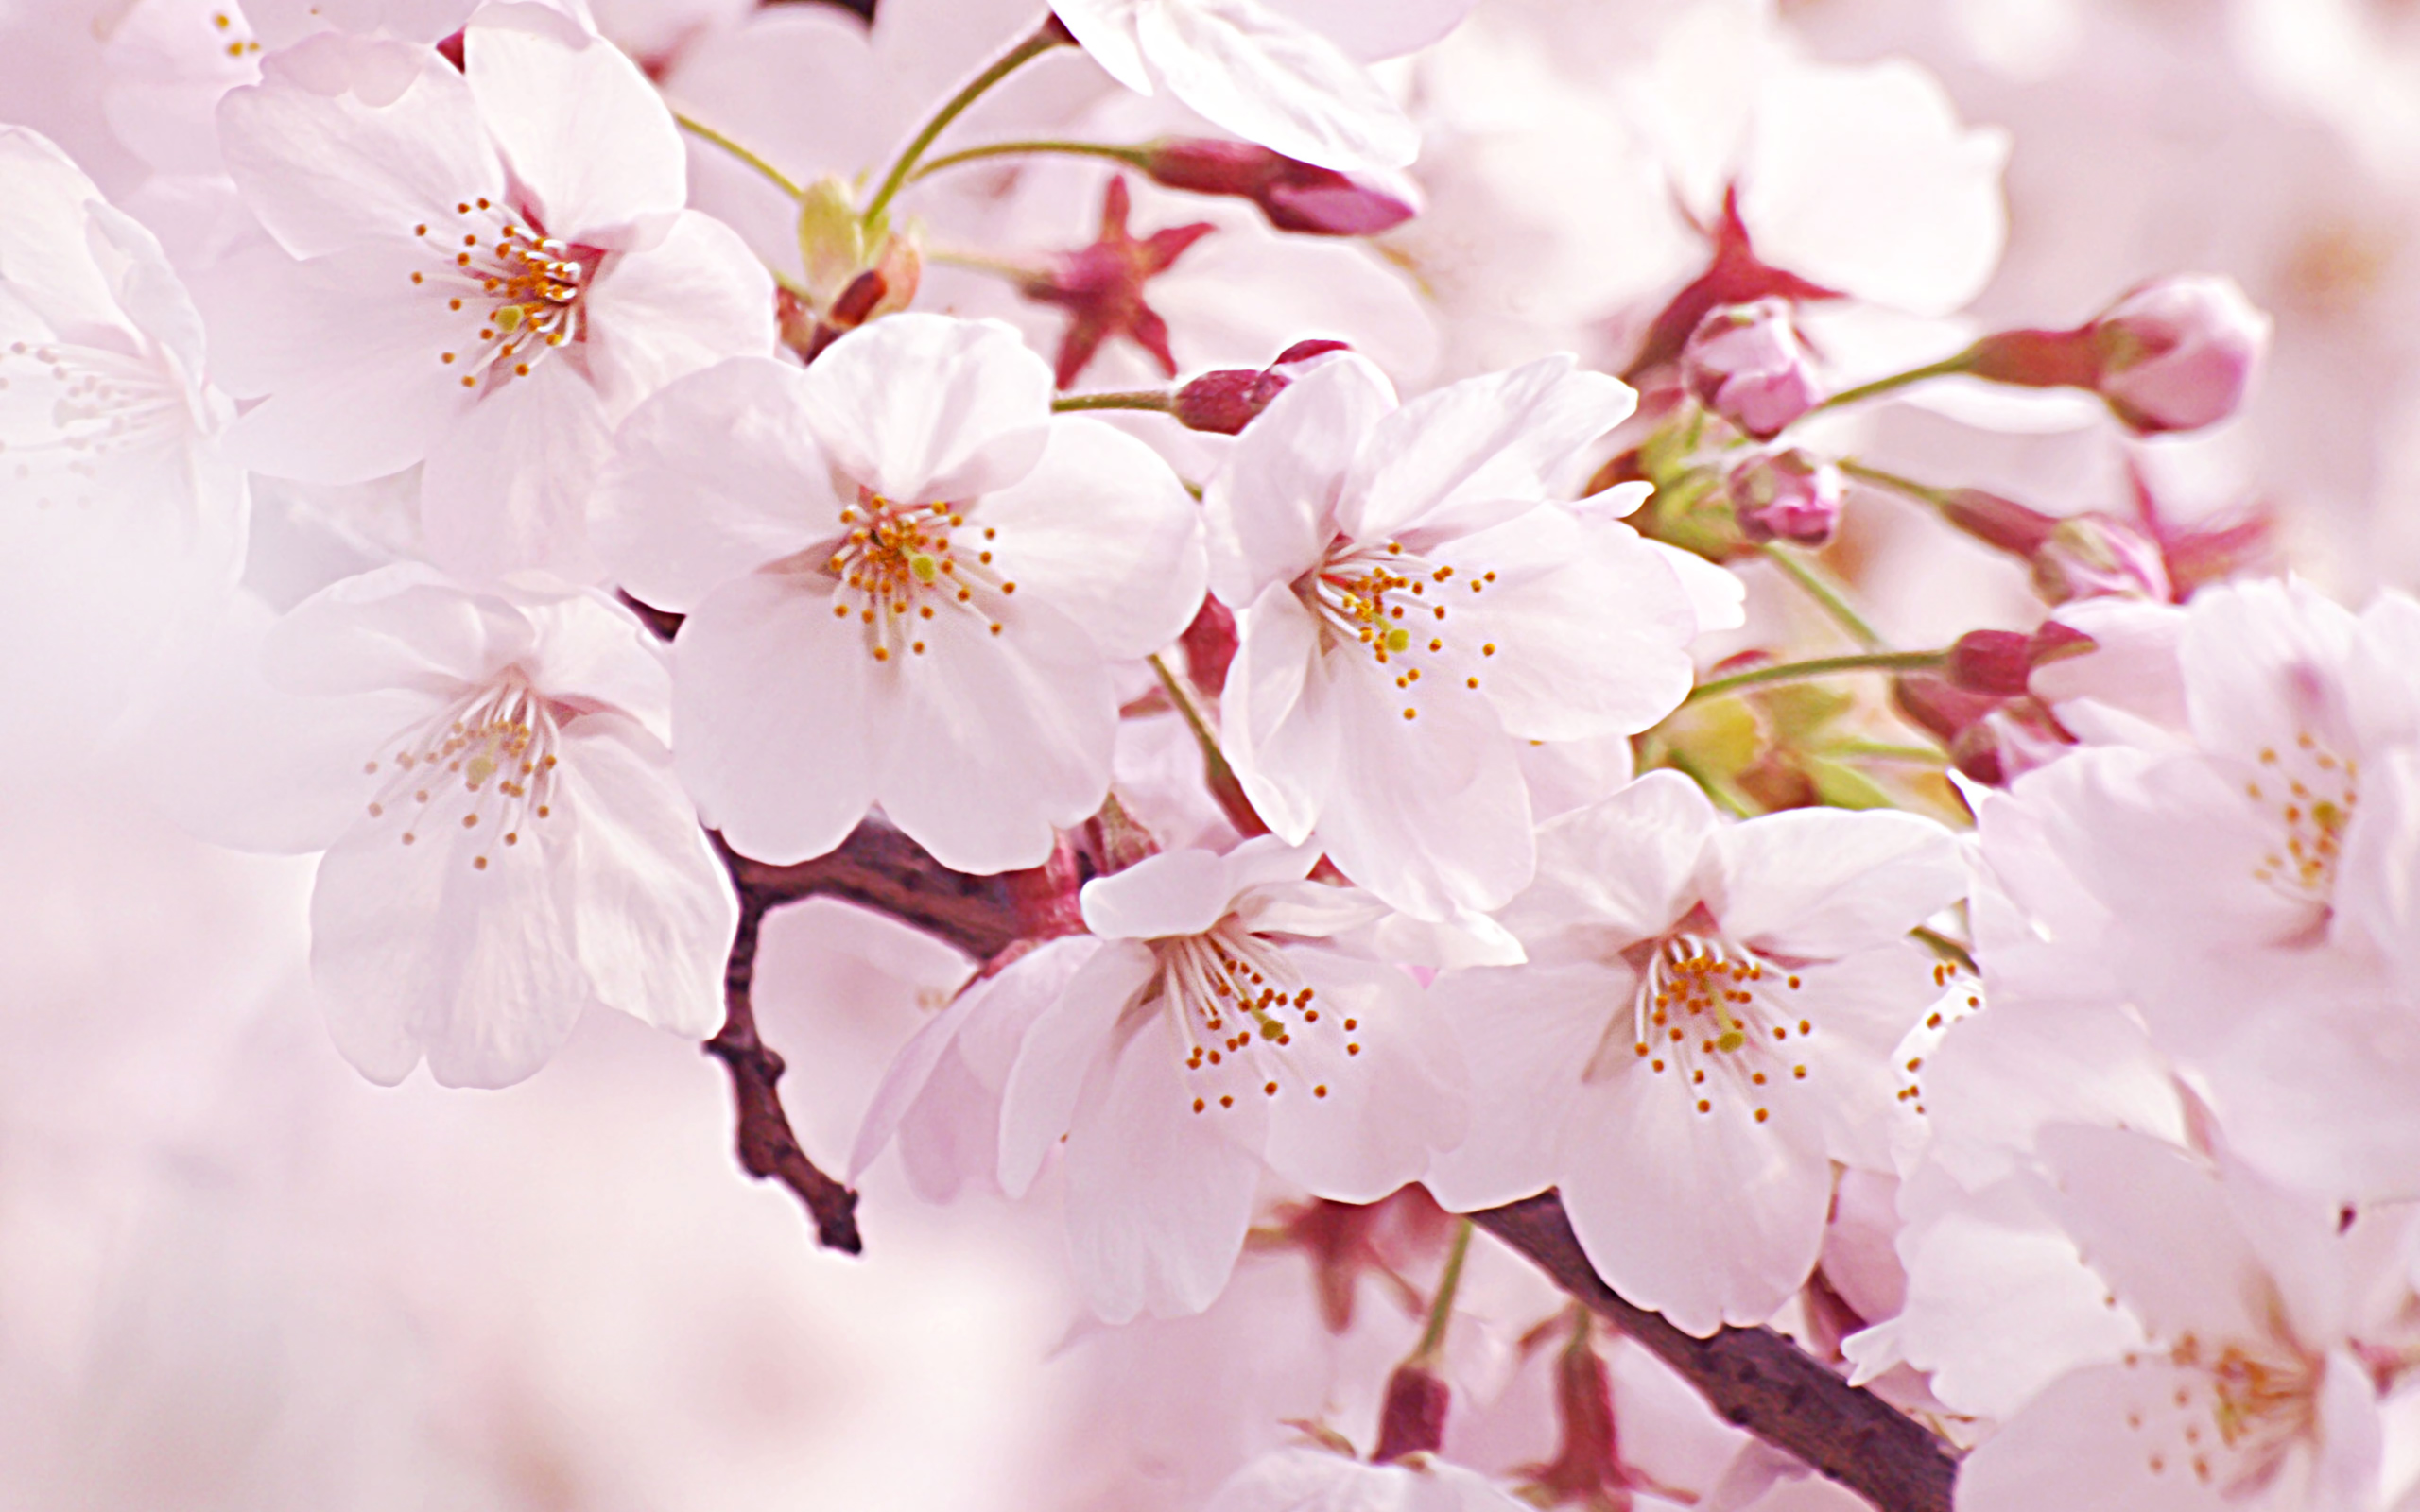 商用可 桜 サクラ のかわいい背景素材 フリー イラスト A4サイズ